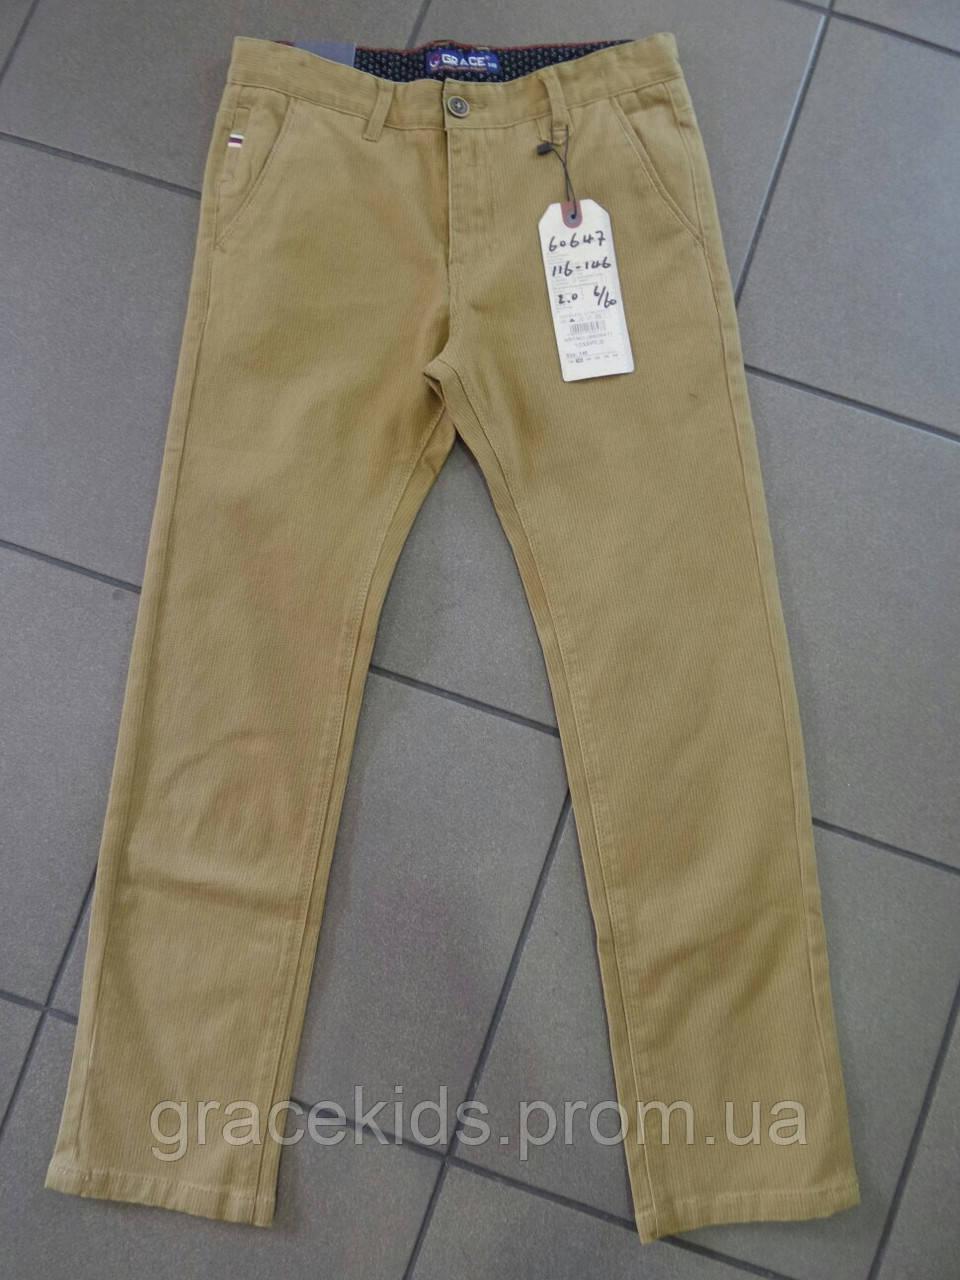 Детские котоновые брюки GRACE